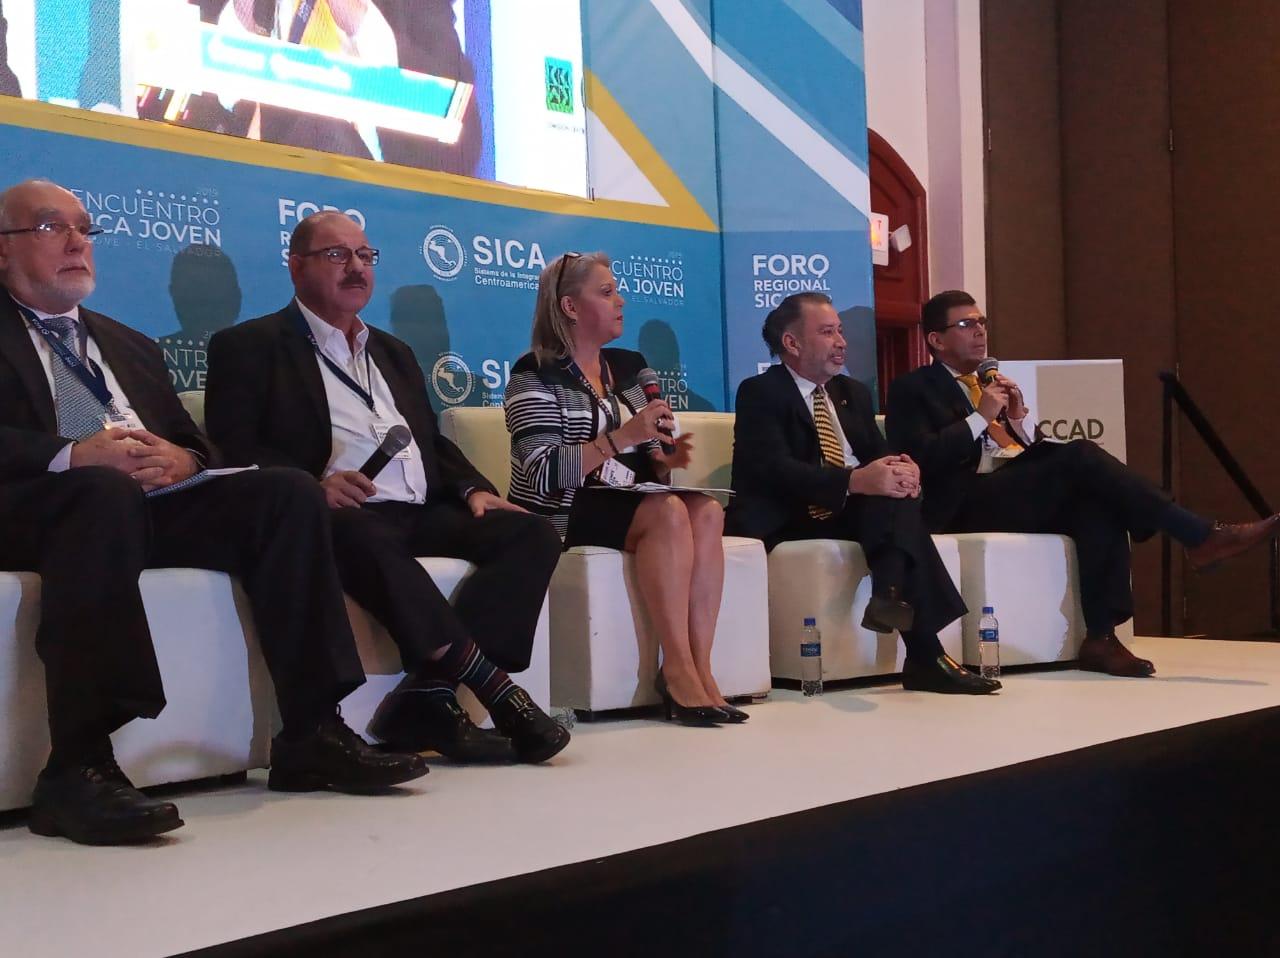 ICAP expuso sobre Finanzas, Desarrollo y Competitividad en el Foro Regional del SICA 2019